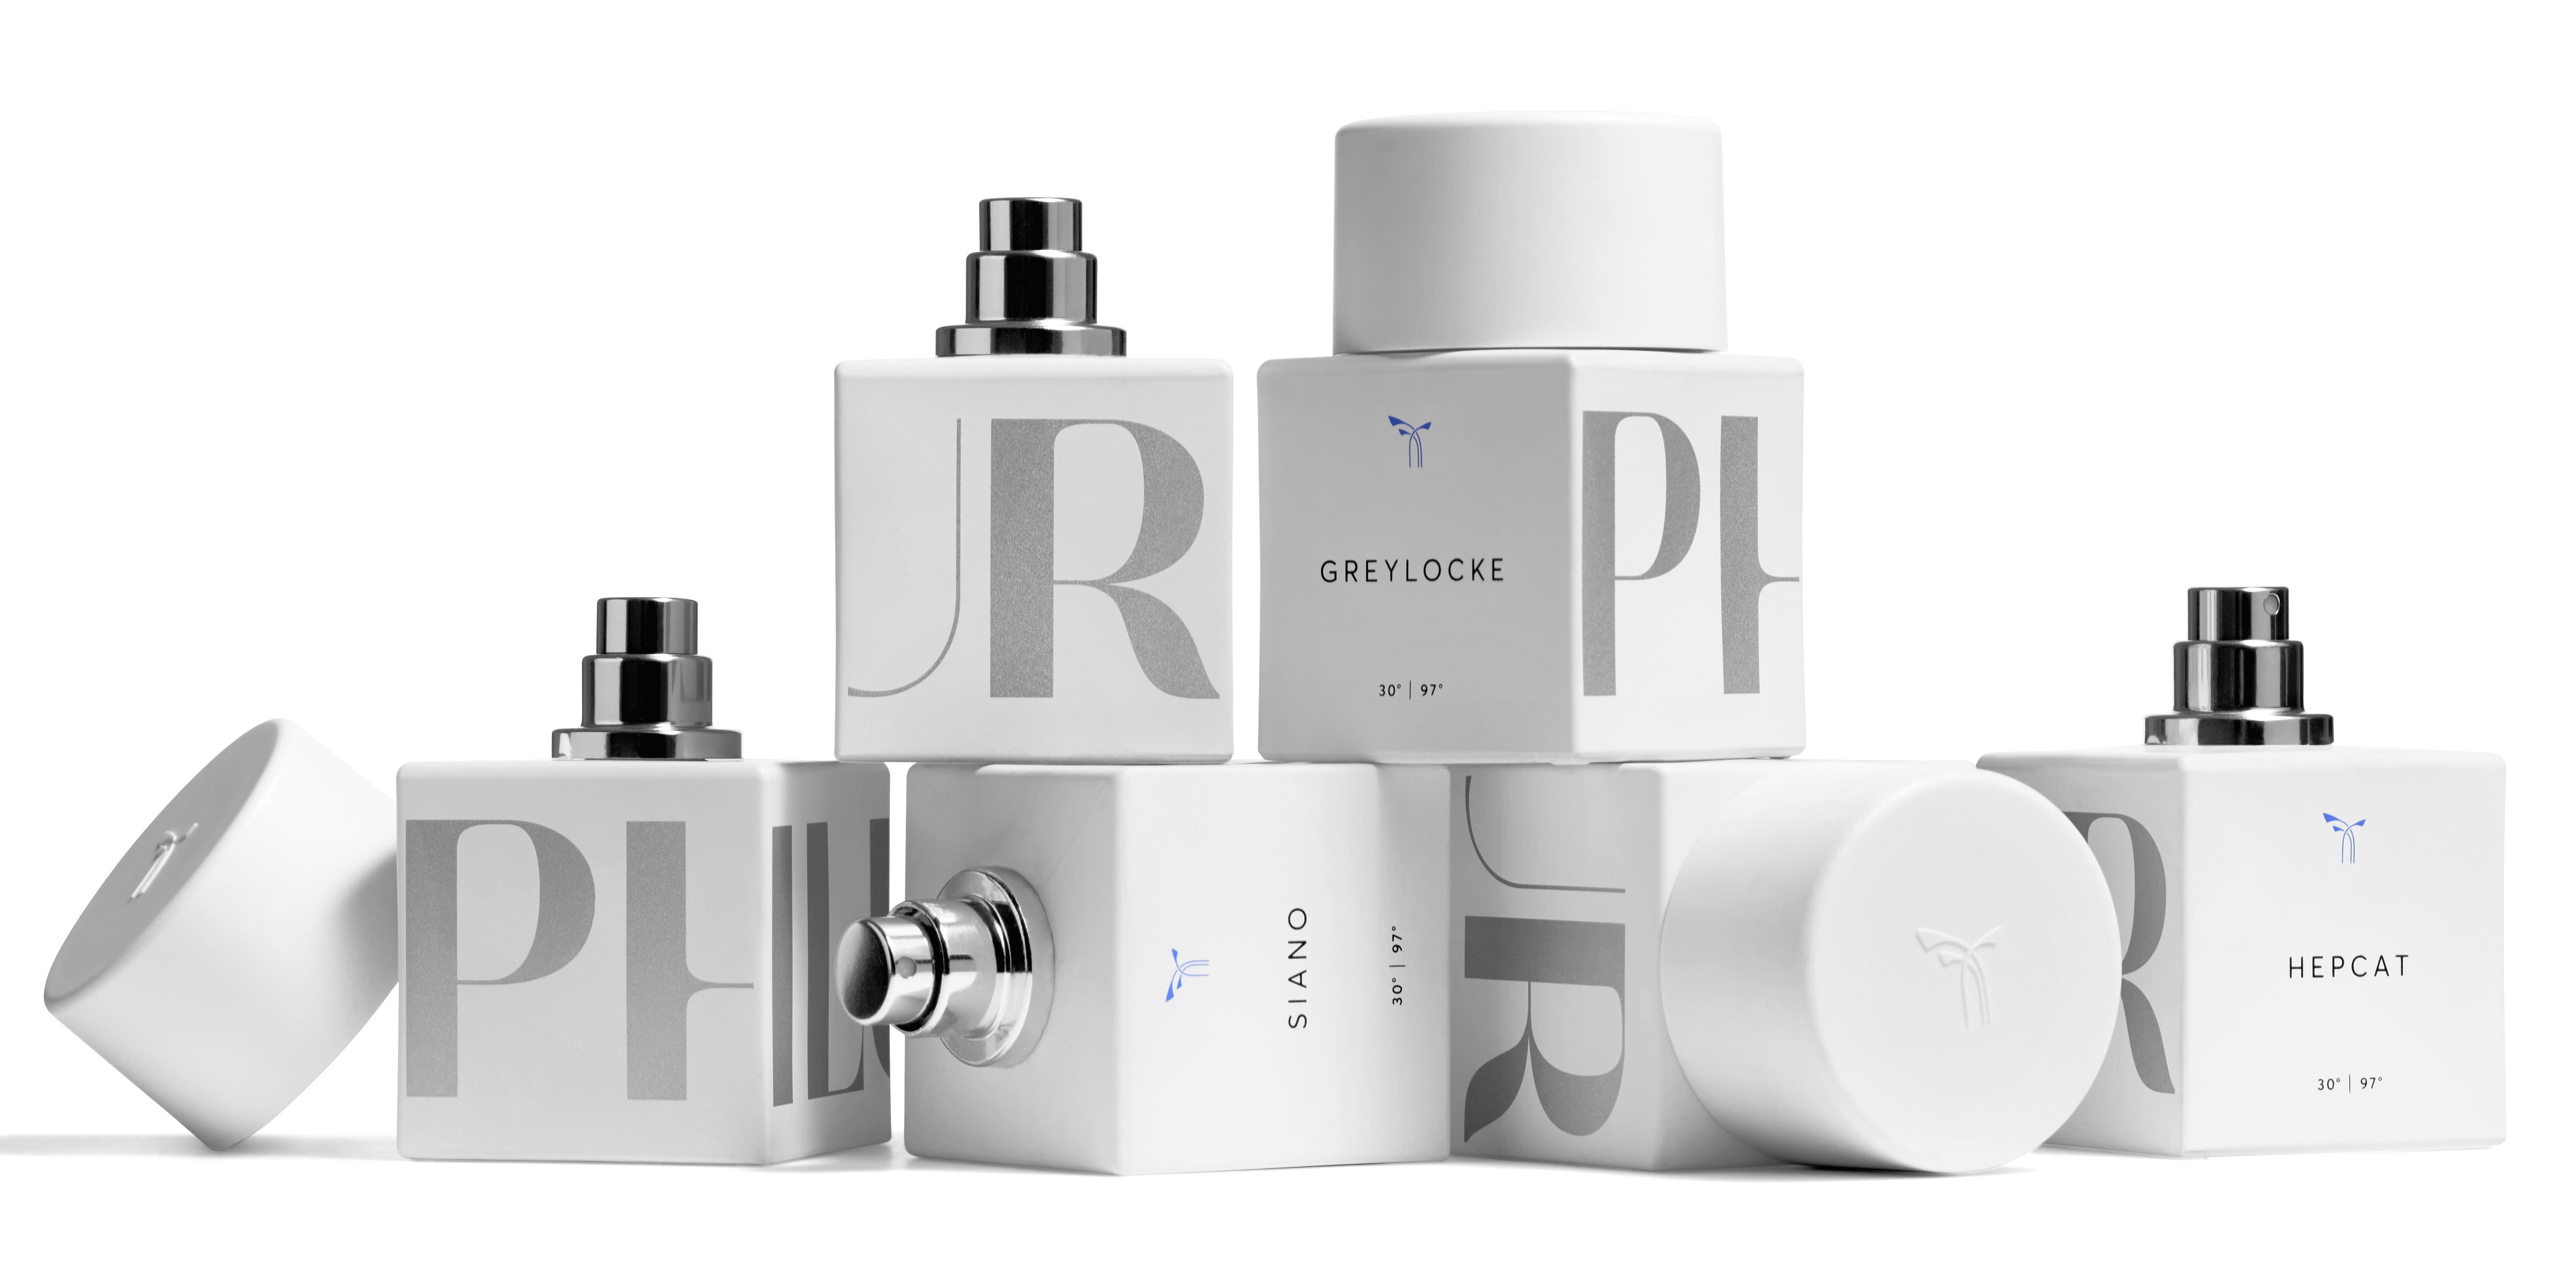 Bildergebnis für Phlur fragrance